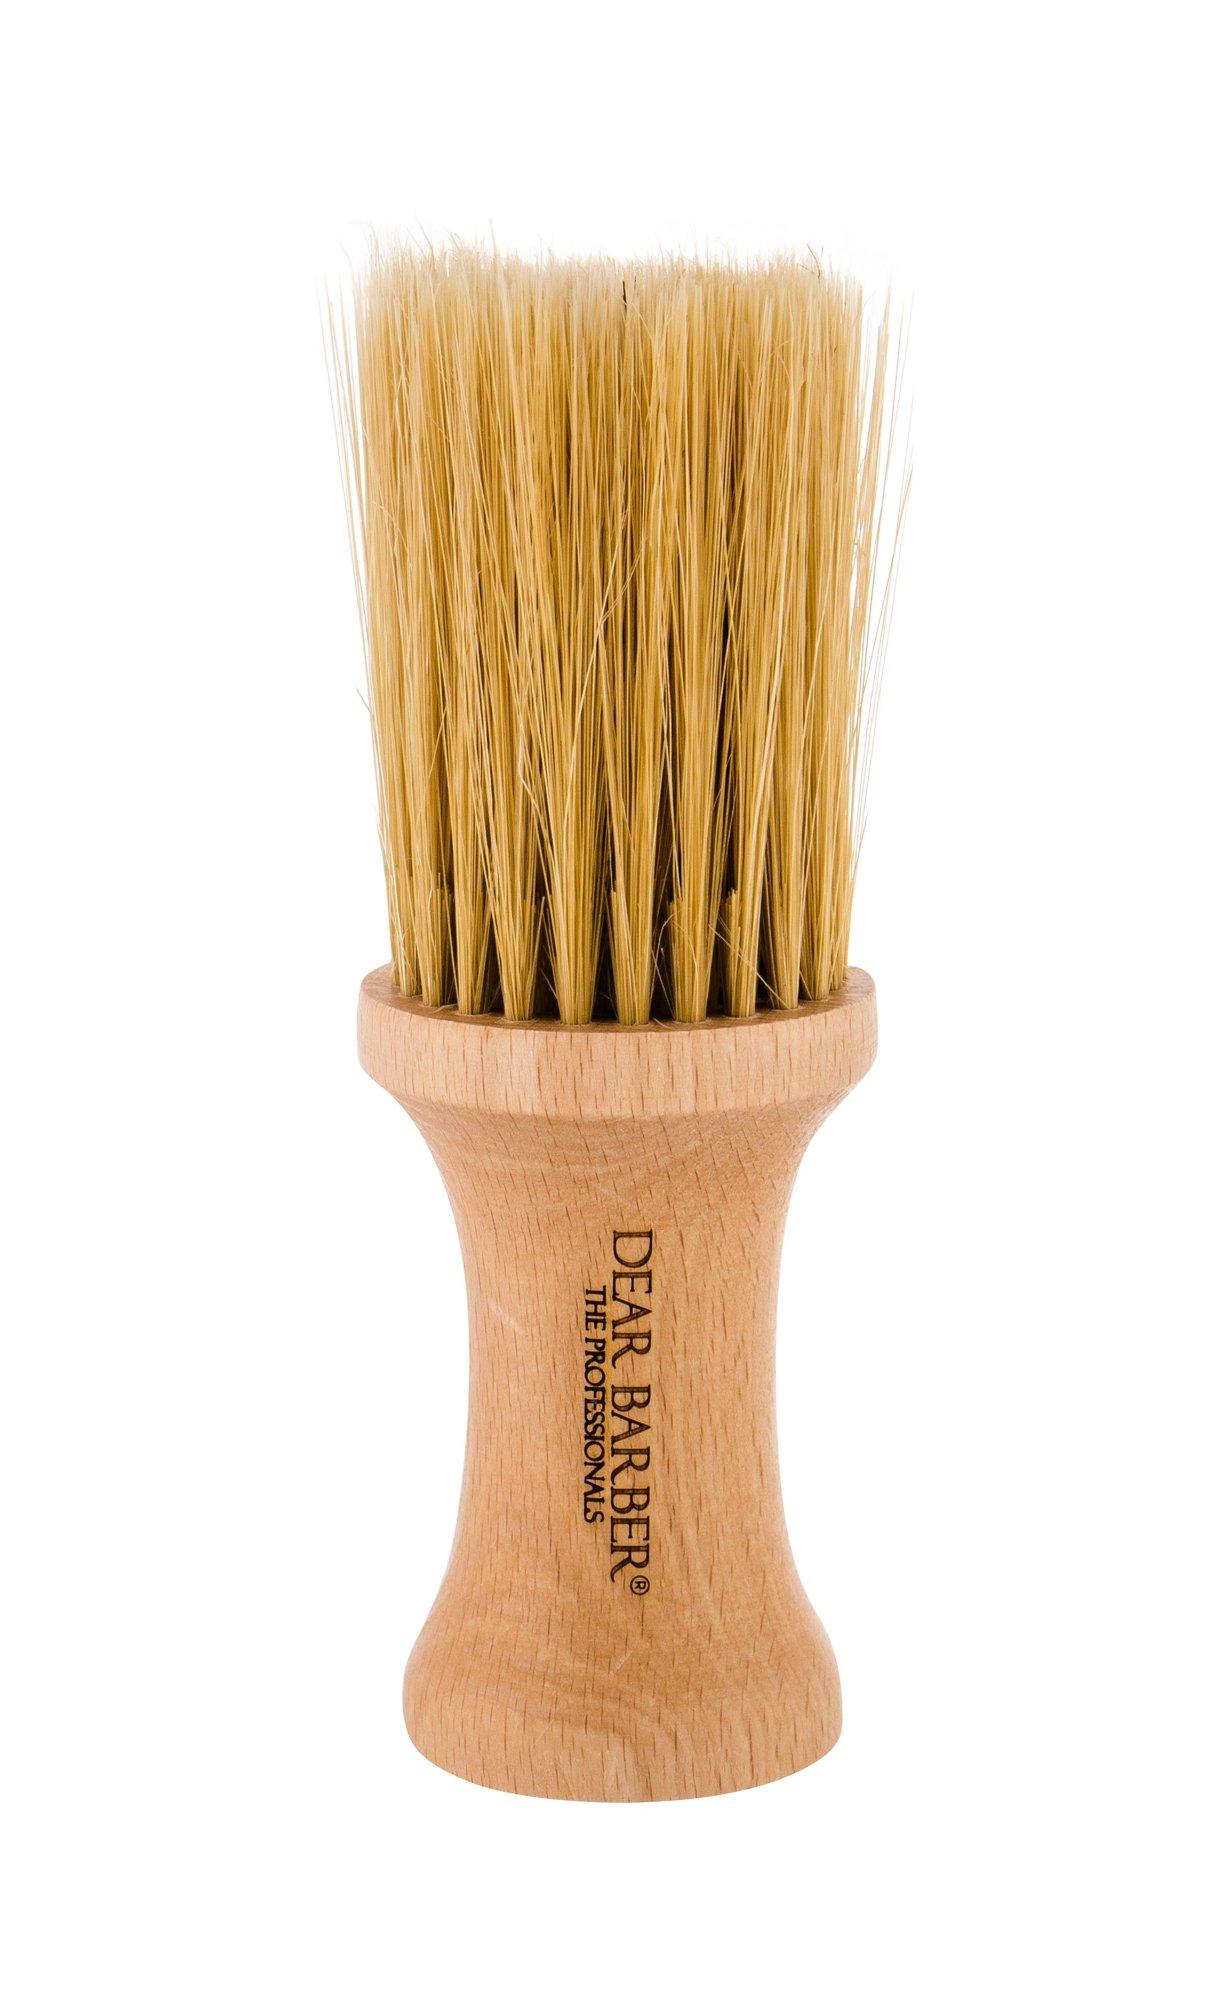 DEAR BARBER Brushes Beard Brush 1ml  Neck Brush With Horsehair